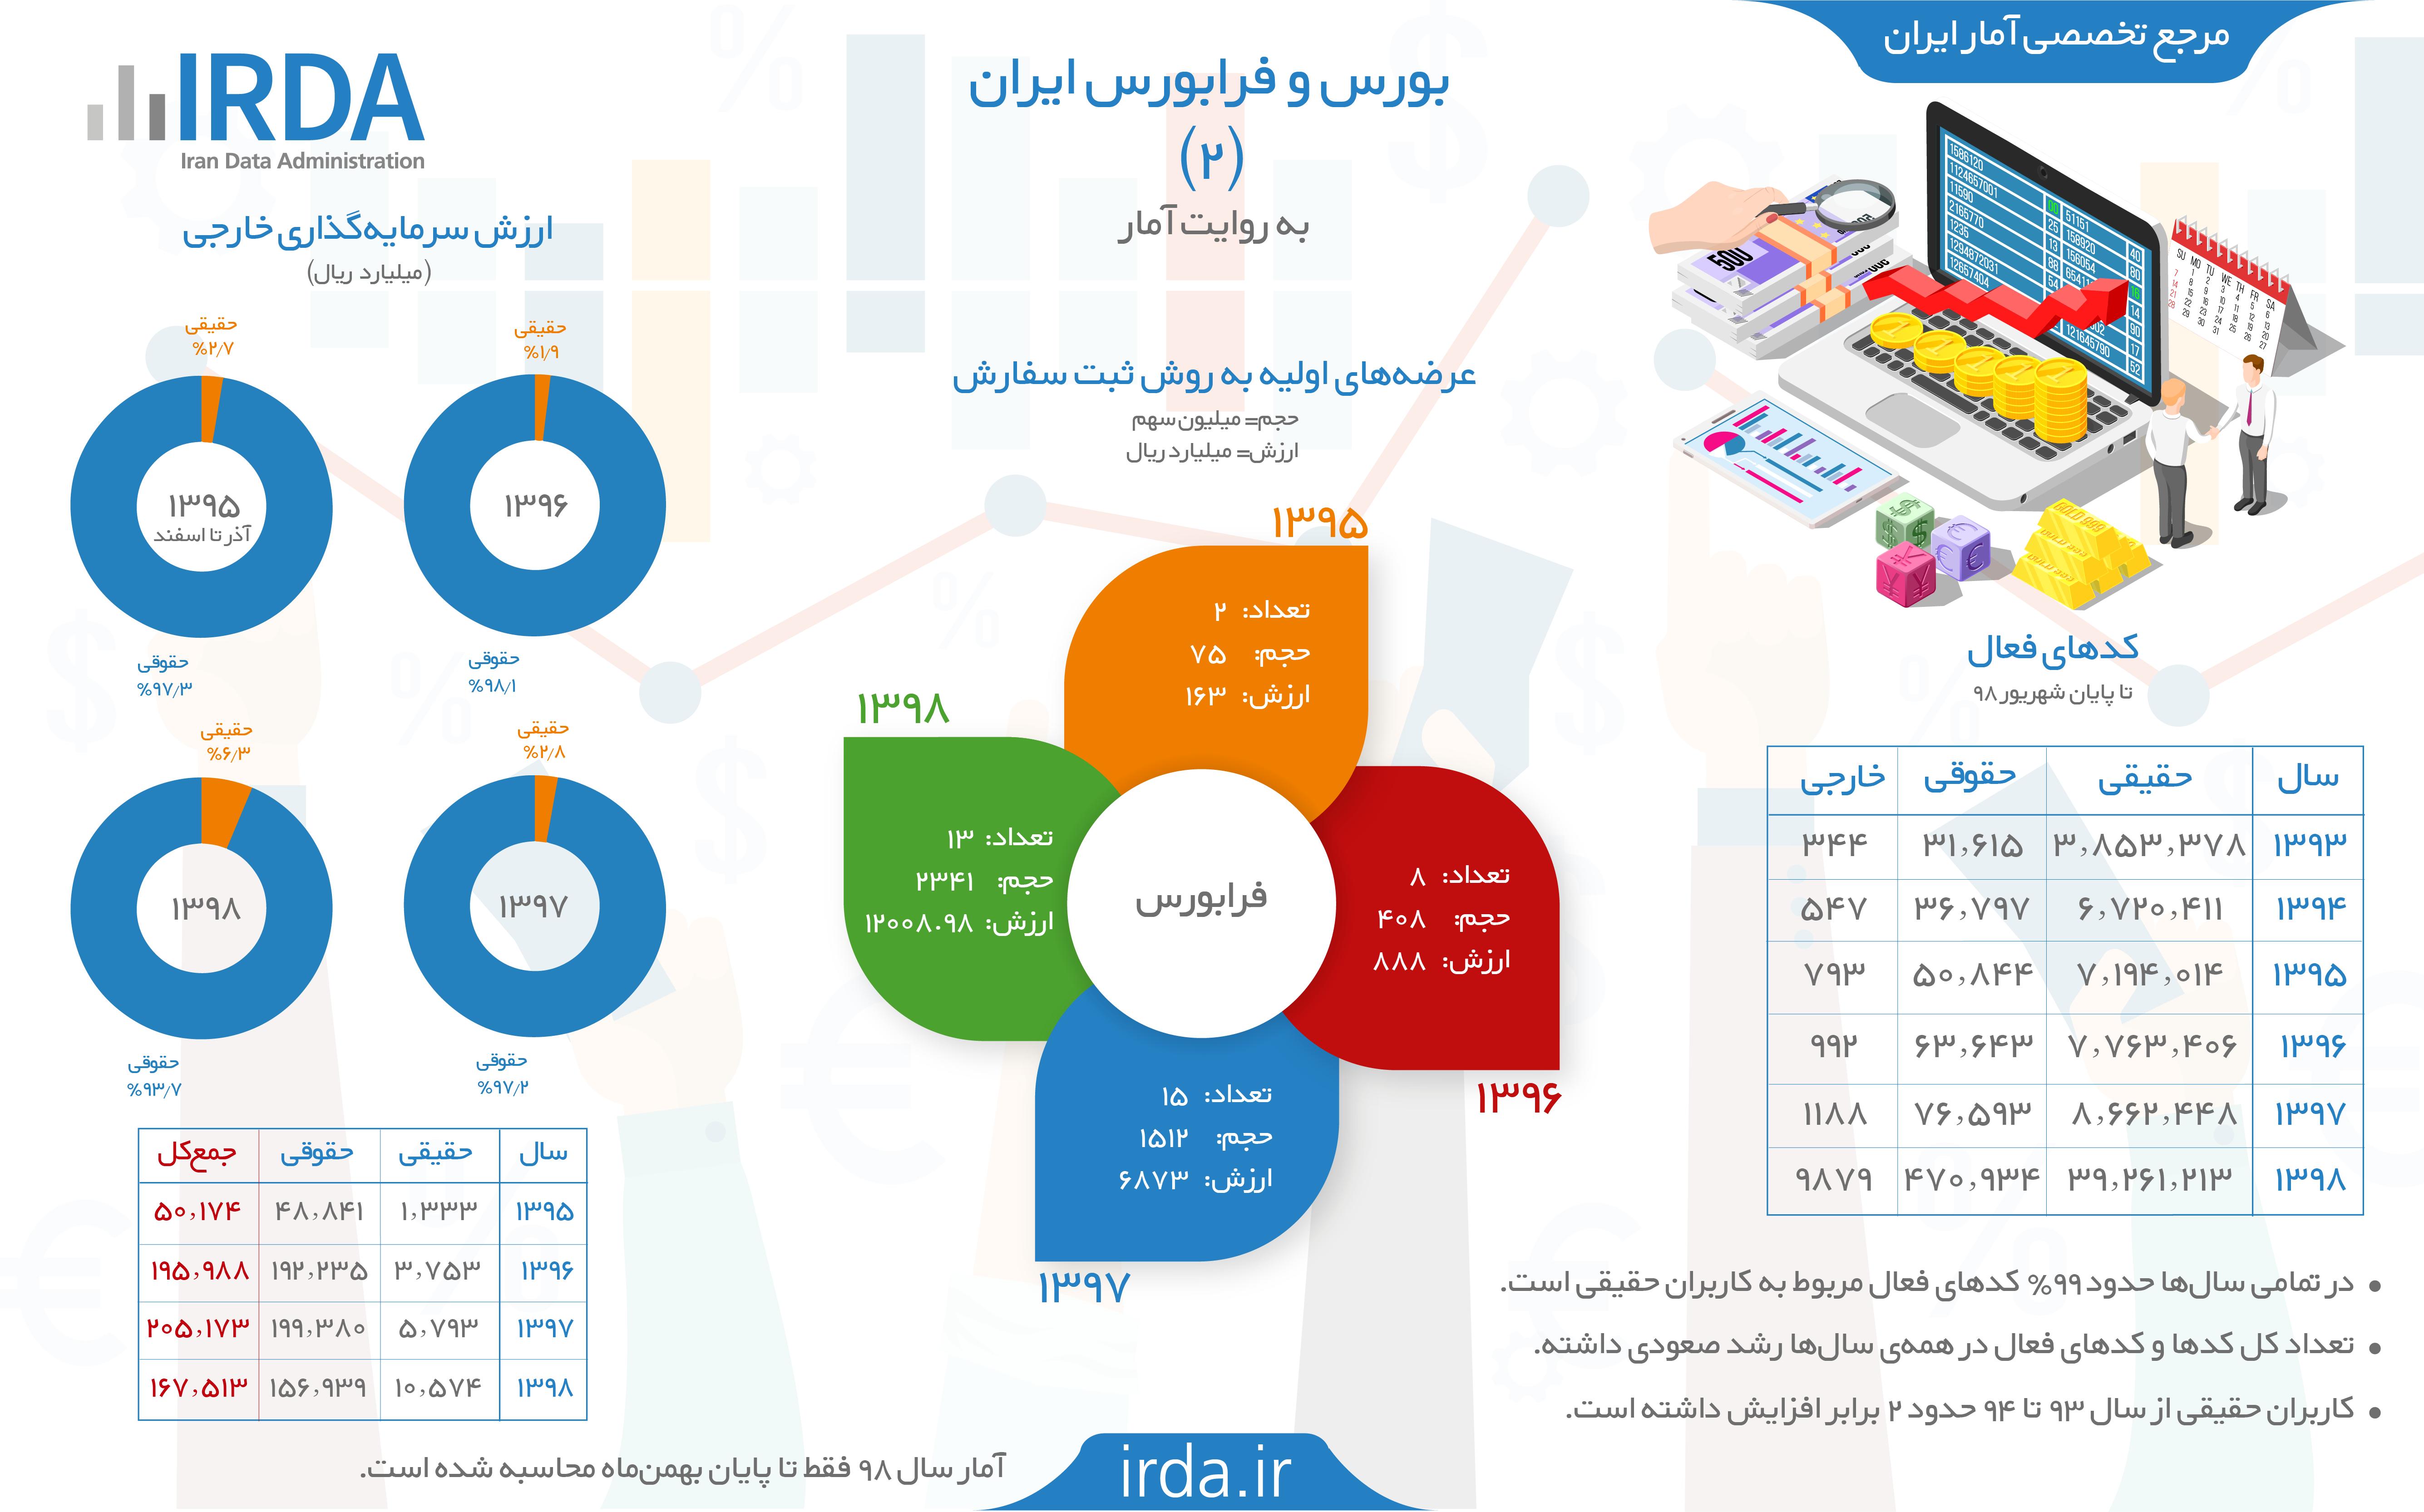 بورس و فرابورس ایران به روایت آمار (2)